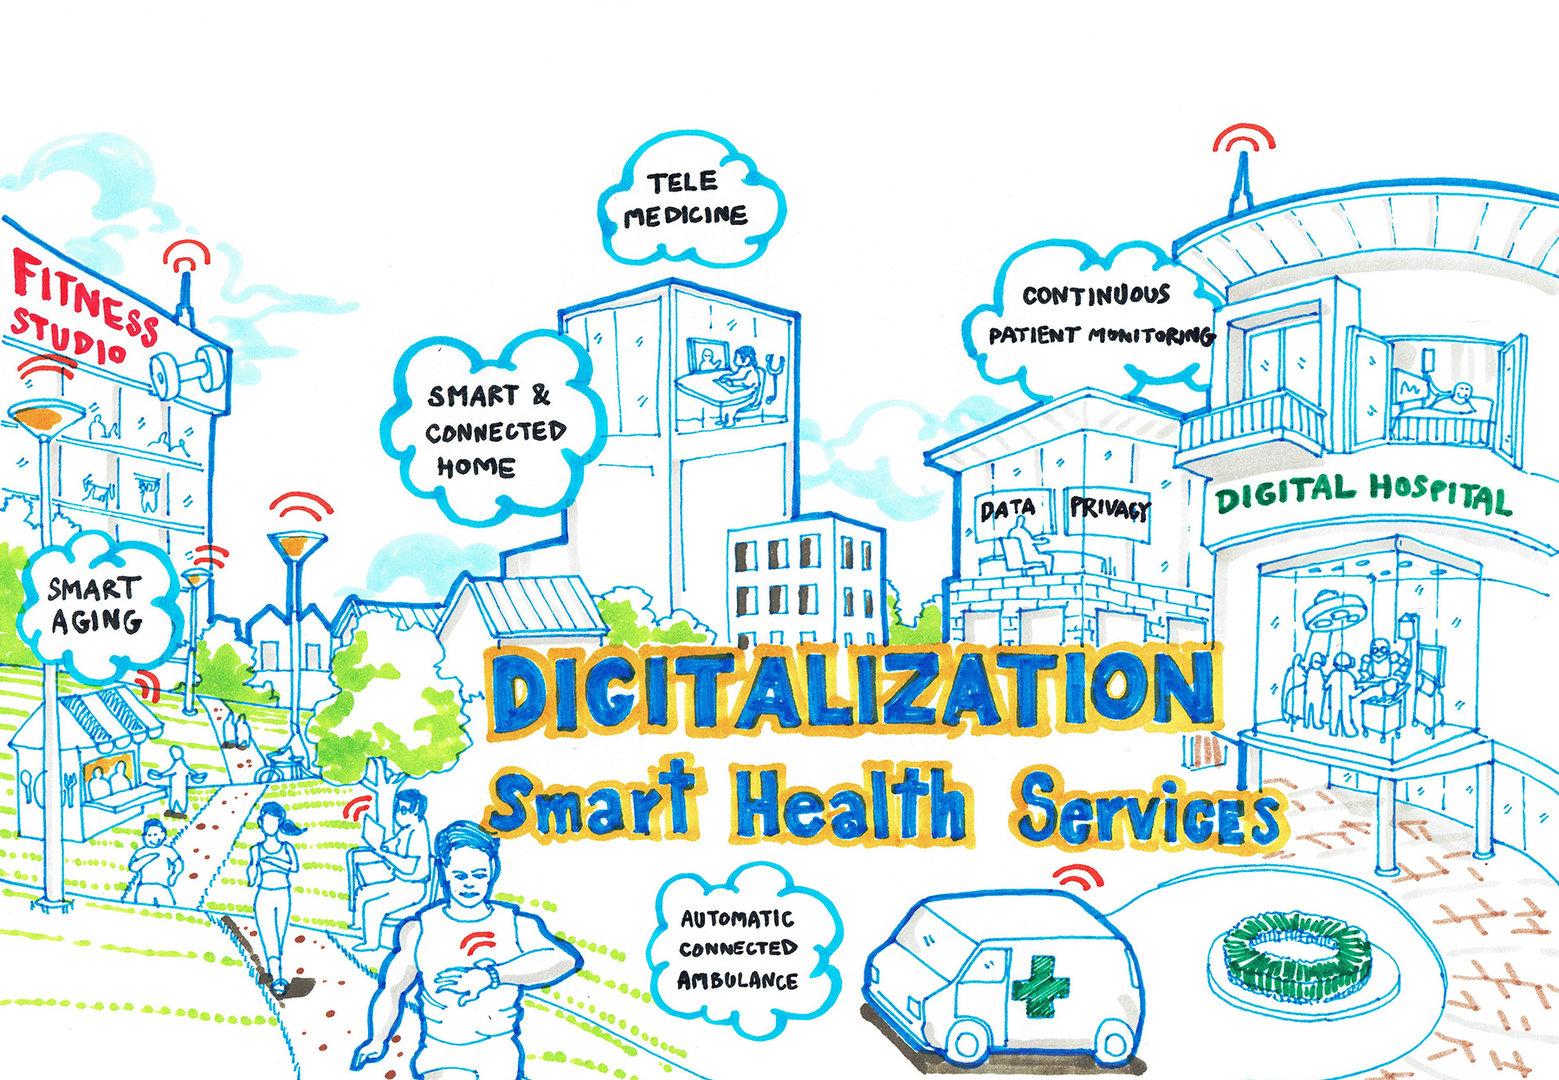 Smart-Healthy-Final-S-12-5-60.jpg